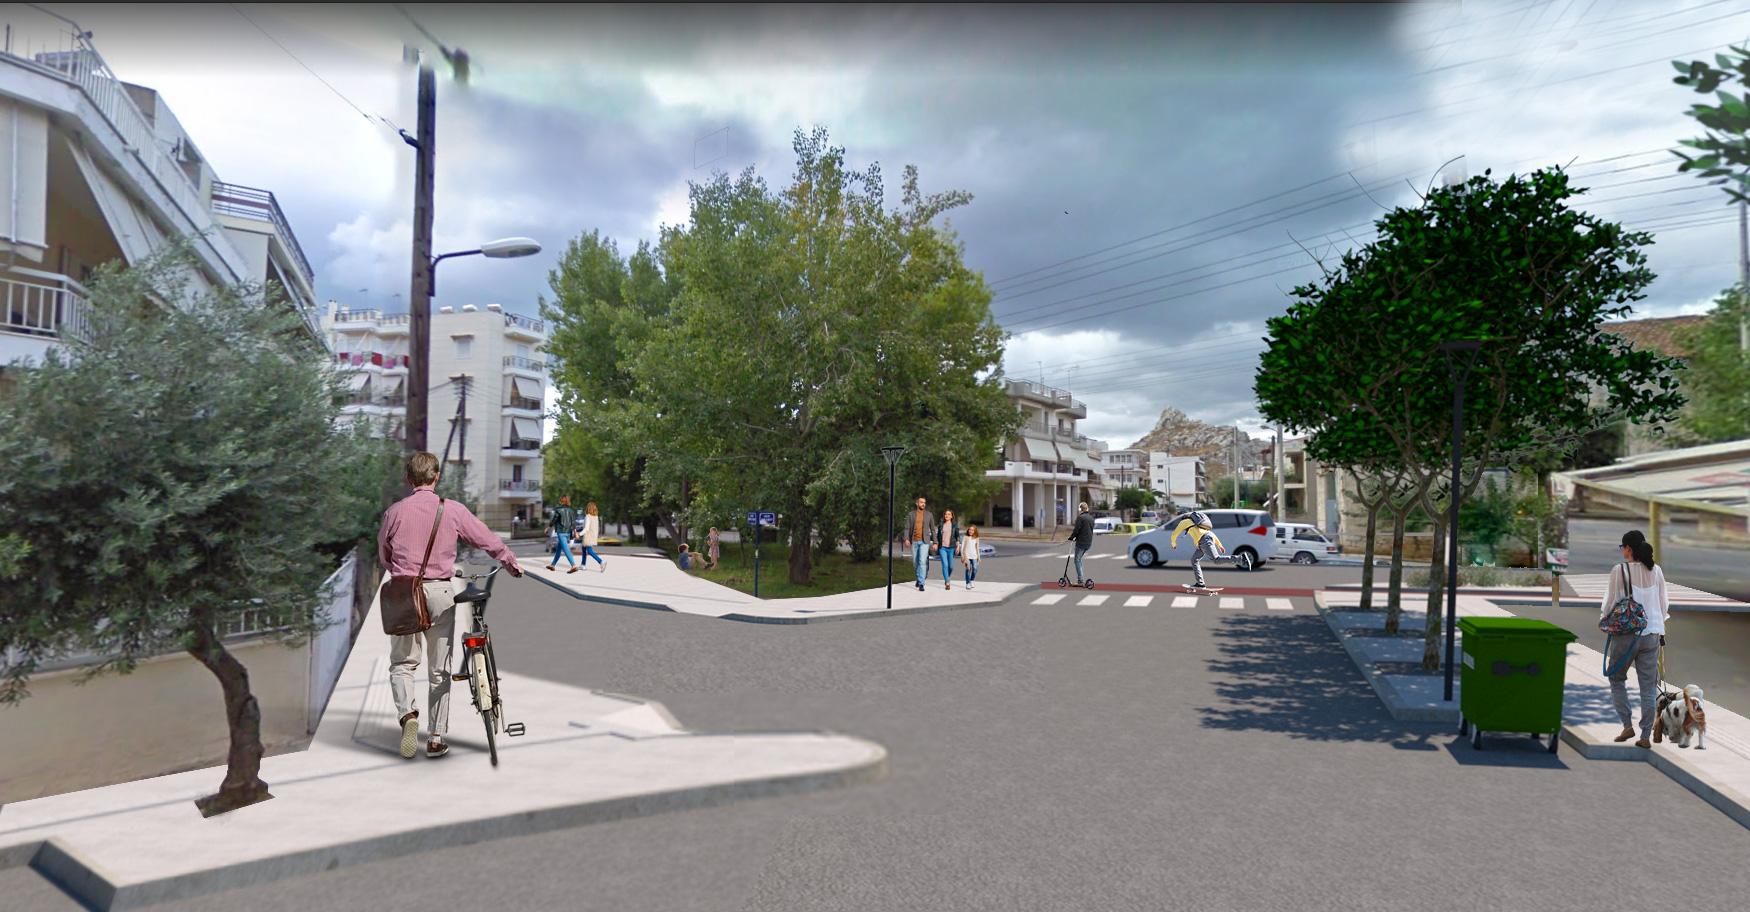 Ξεμπλοκάρουν μεγάλα έργα όπως το Πάρκο Πικιώνη, ποδηλατόδρομος σε Ελευσίνα και πεζόδρομοι στην Αθήνα